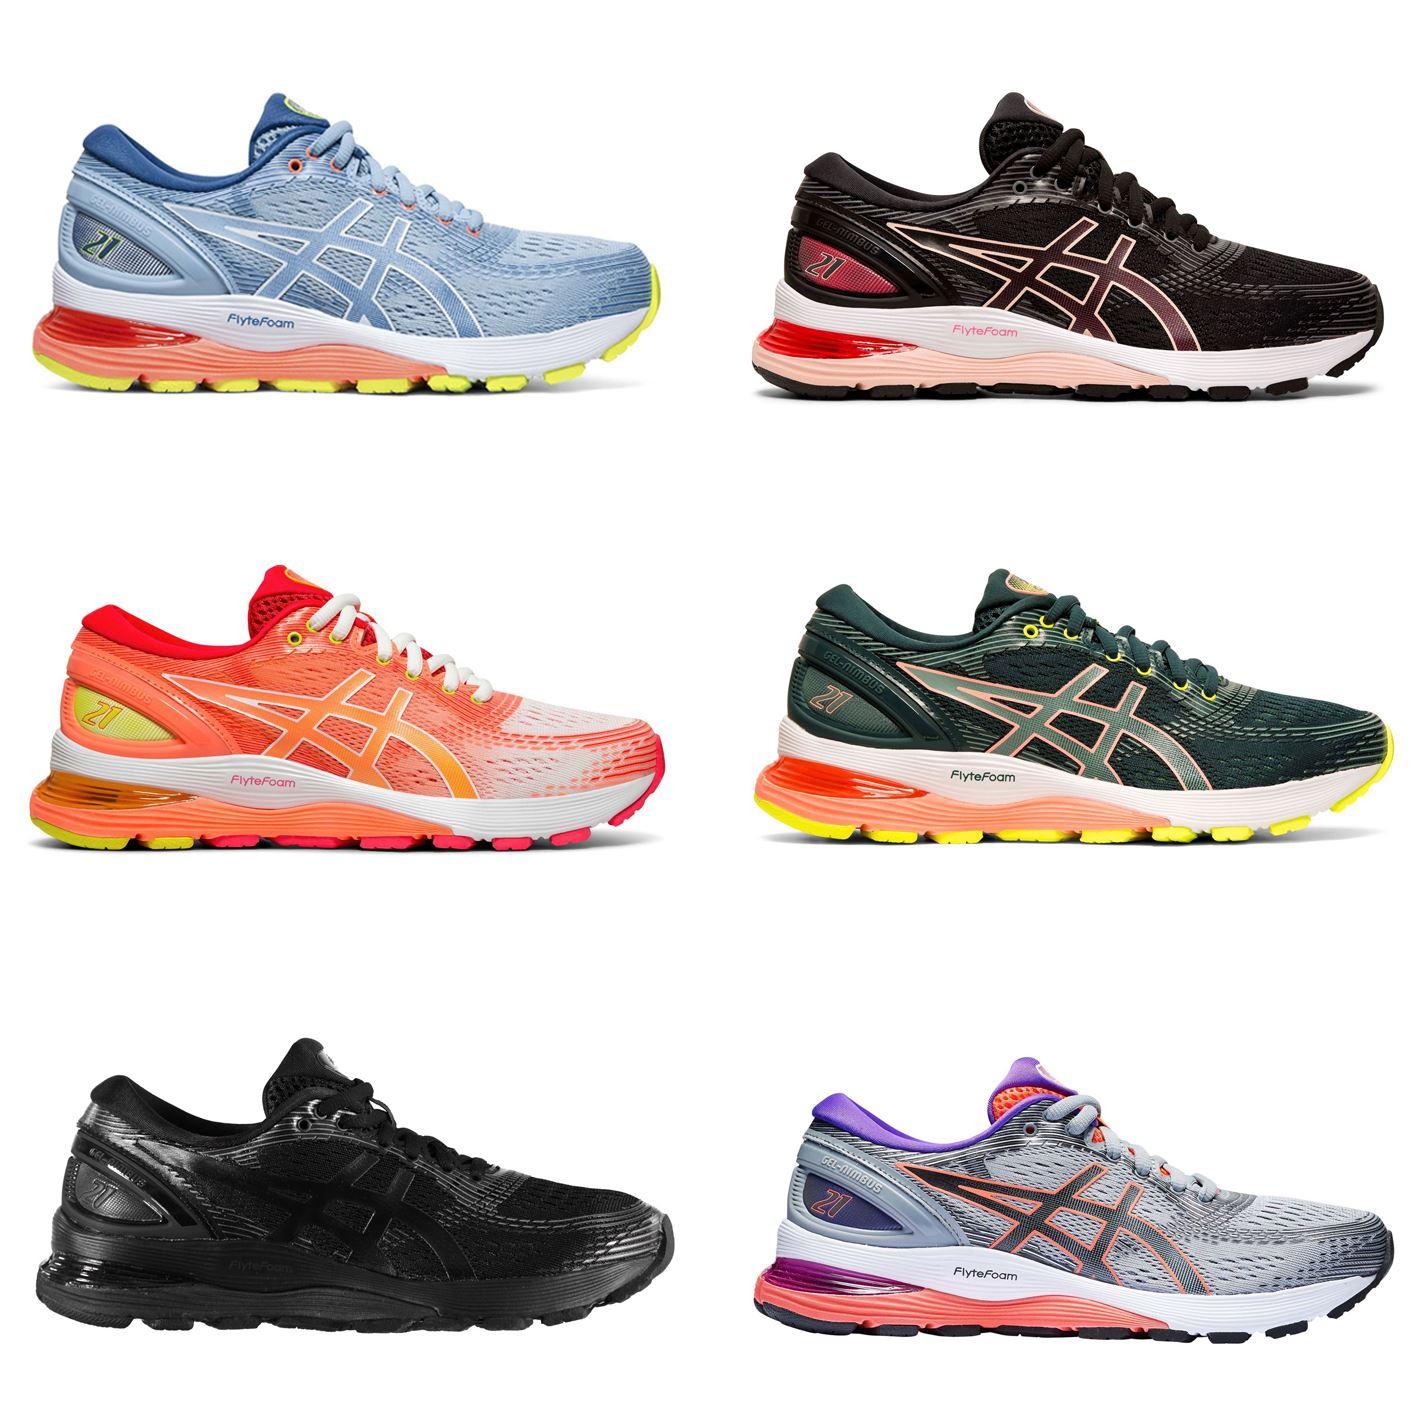 Detalles de Asics Gel Nimbus 21 Mujer Zapatillas Running Mujer Athleisure  Zapatillas